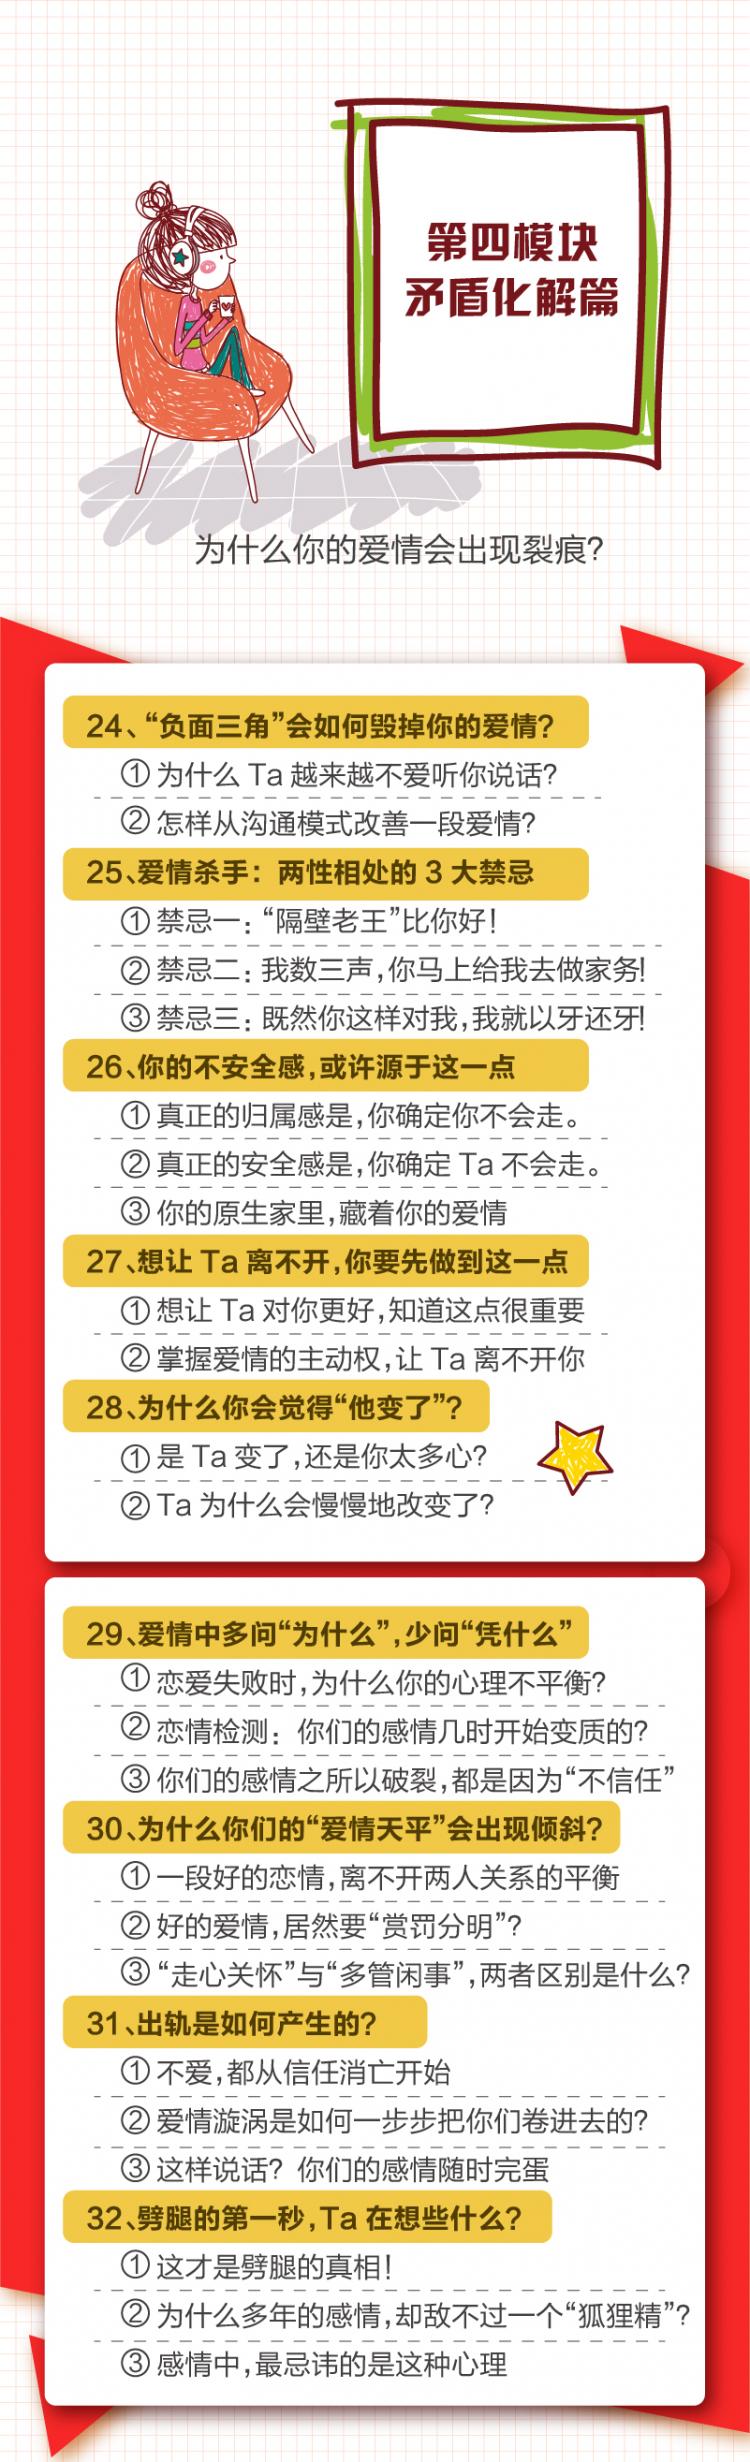 课程大纲4.jpg